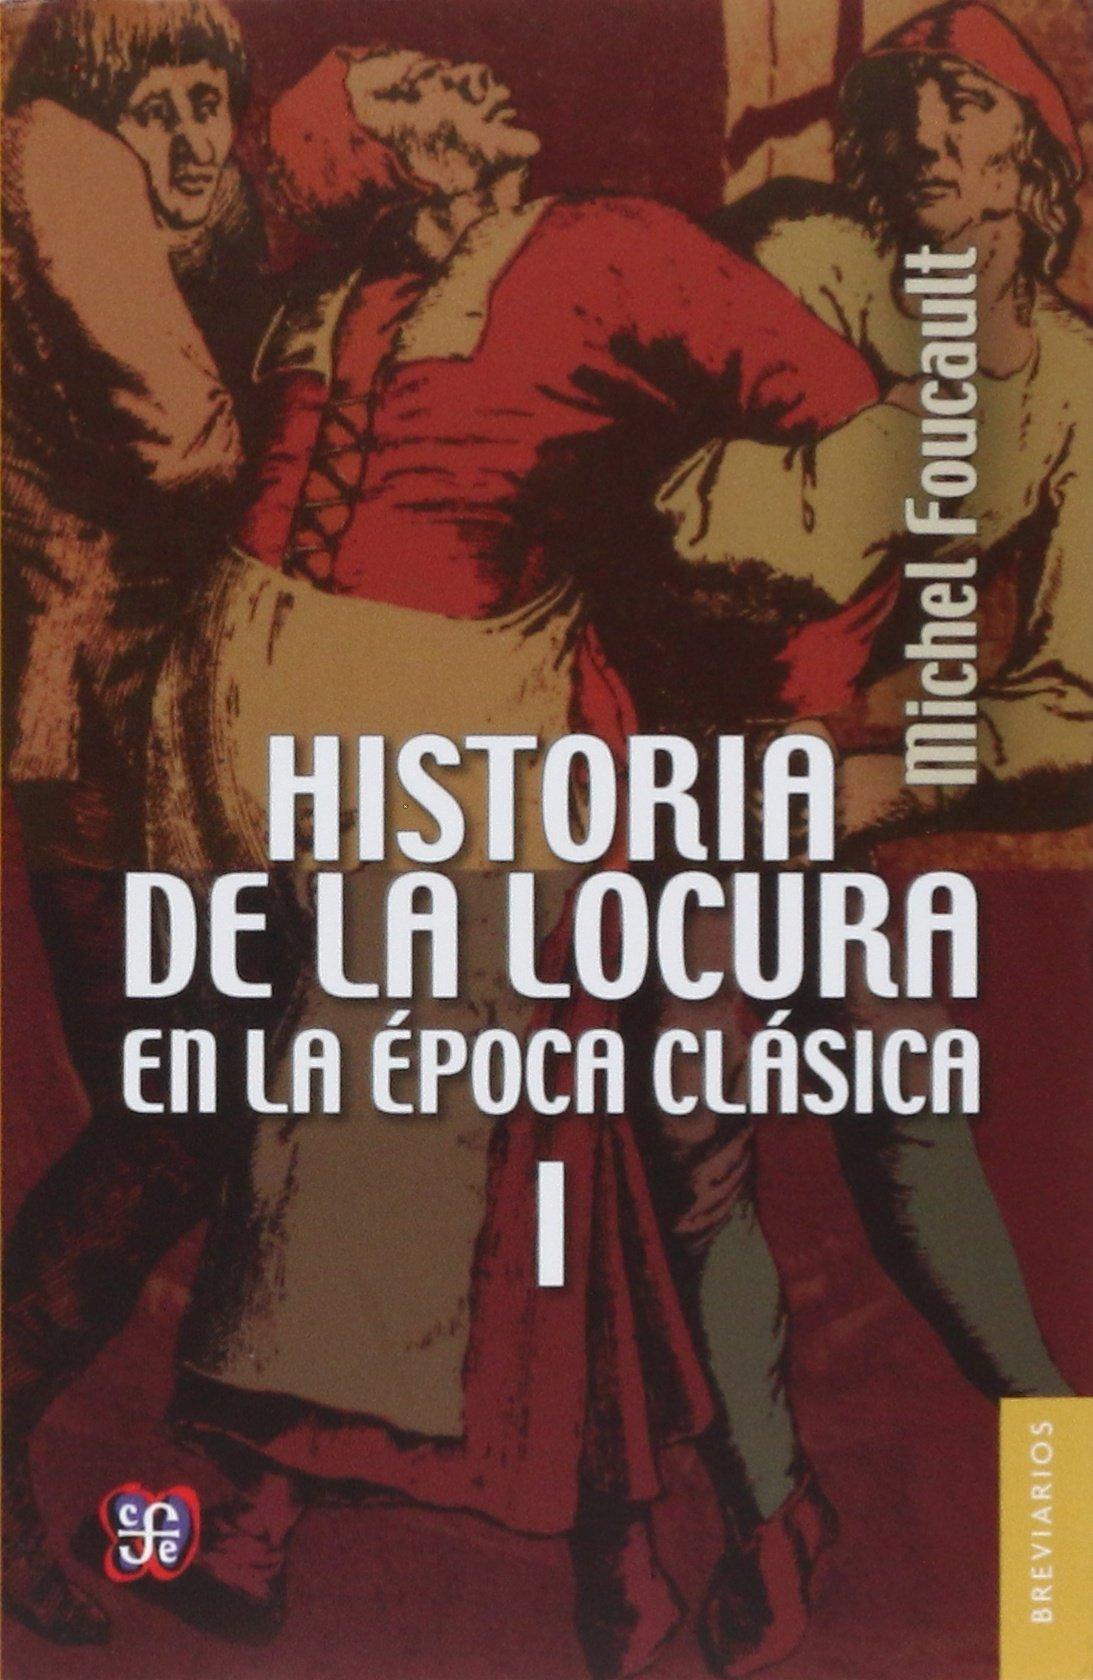 Historia de la locura en la época clásica, I (Spanish Edition) (Spanish)  Paperback – December 31, 1967